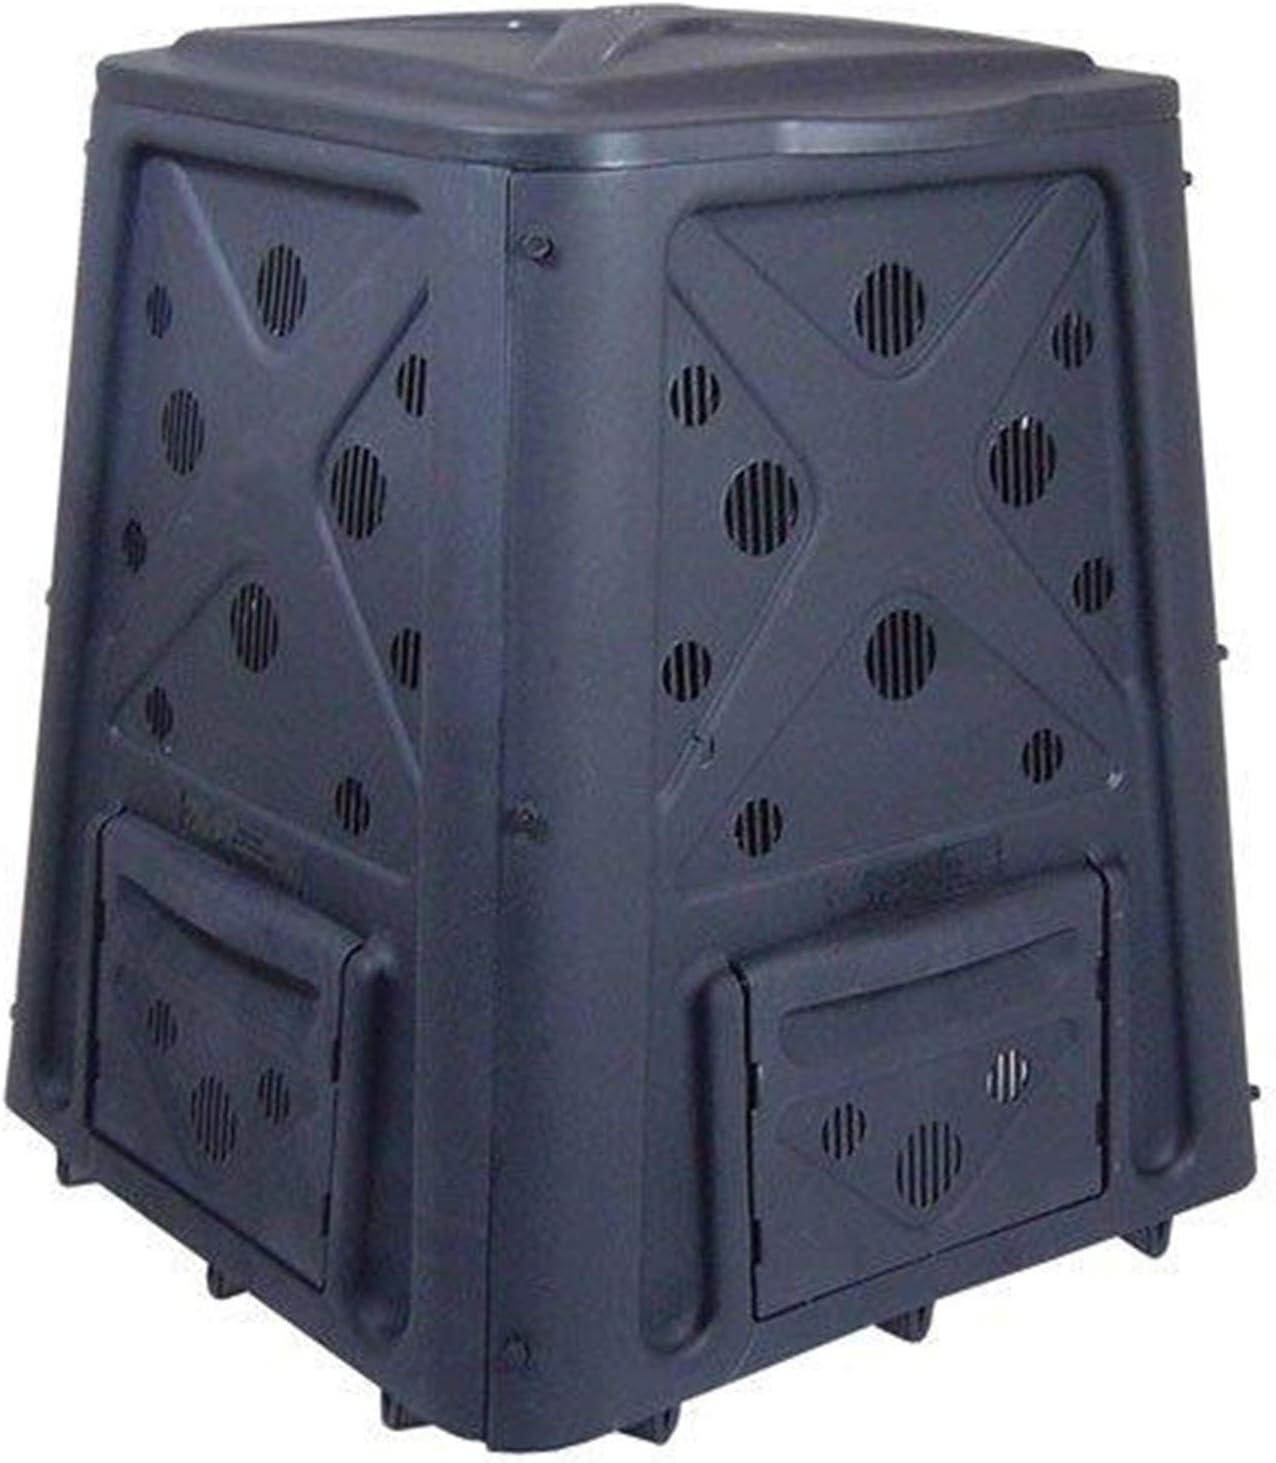 Redmon 65 Gallon Compost Bin